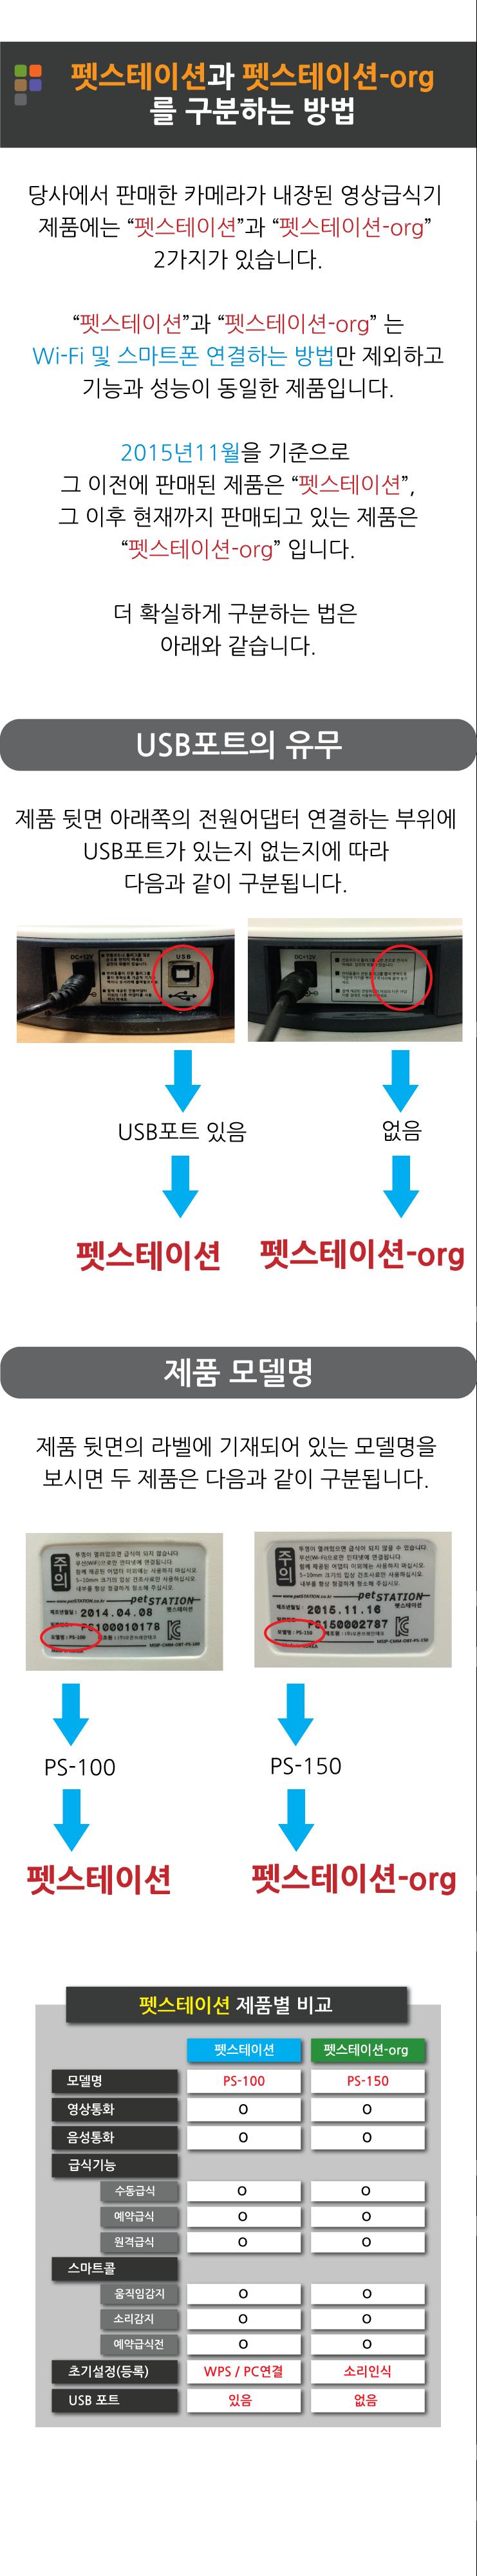 펫스테이션과-펫스테이션-org.png